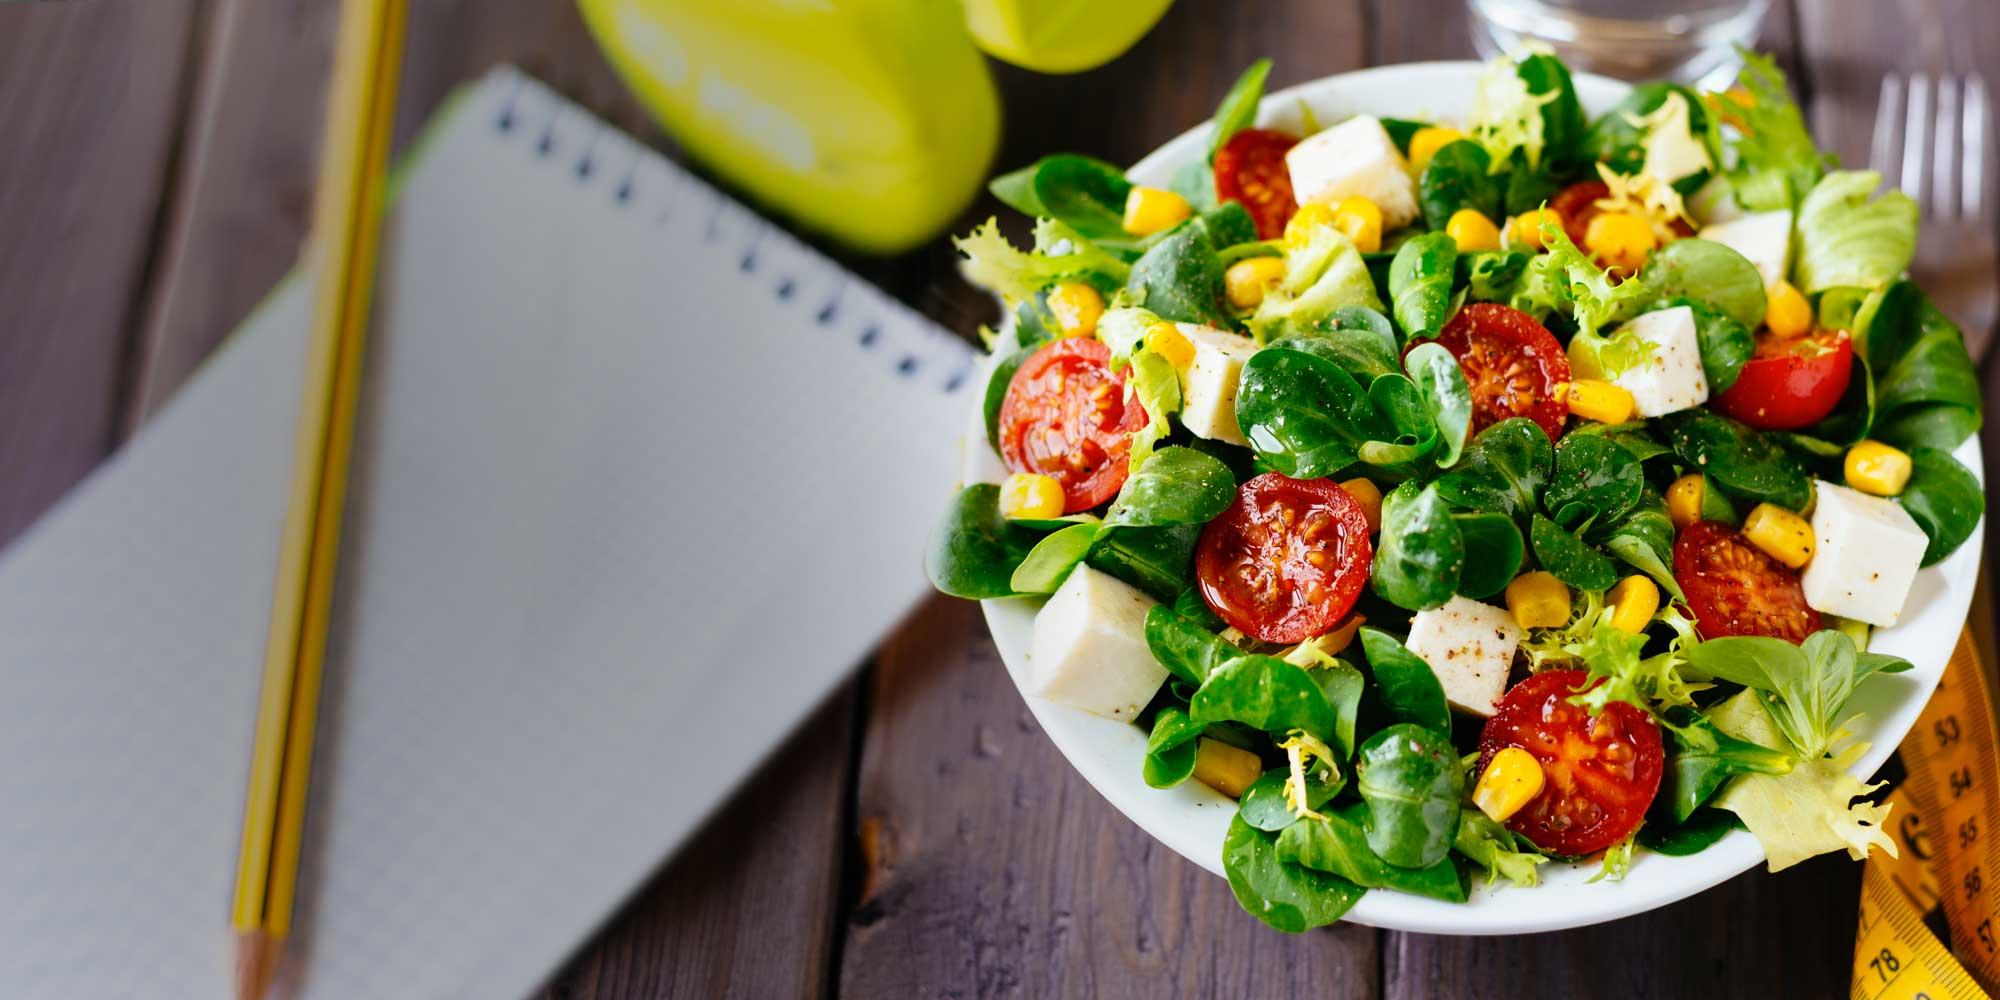 Гипохолестериновая диета - меню на неделю с рецептами